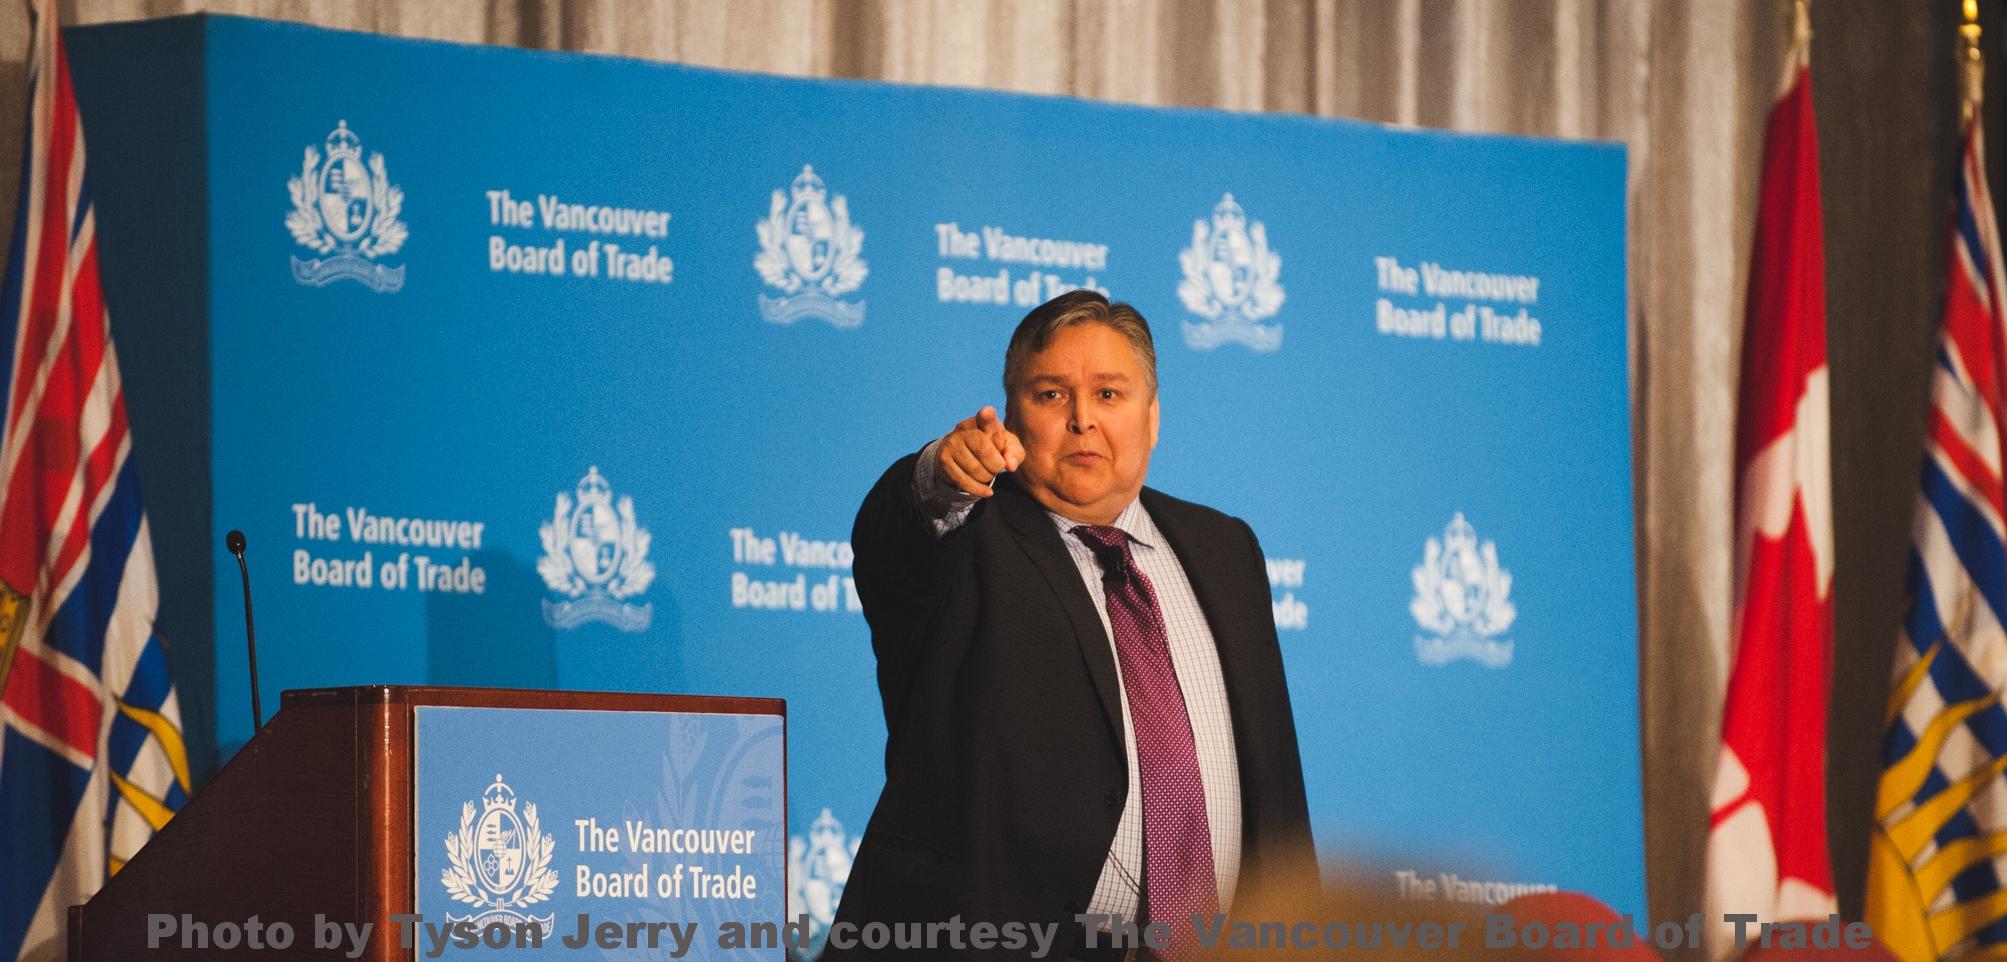 Bob Joseph Vancouver Board of Trade